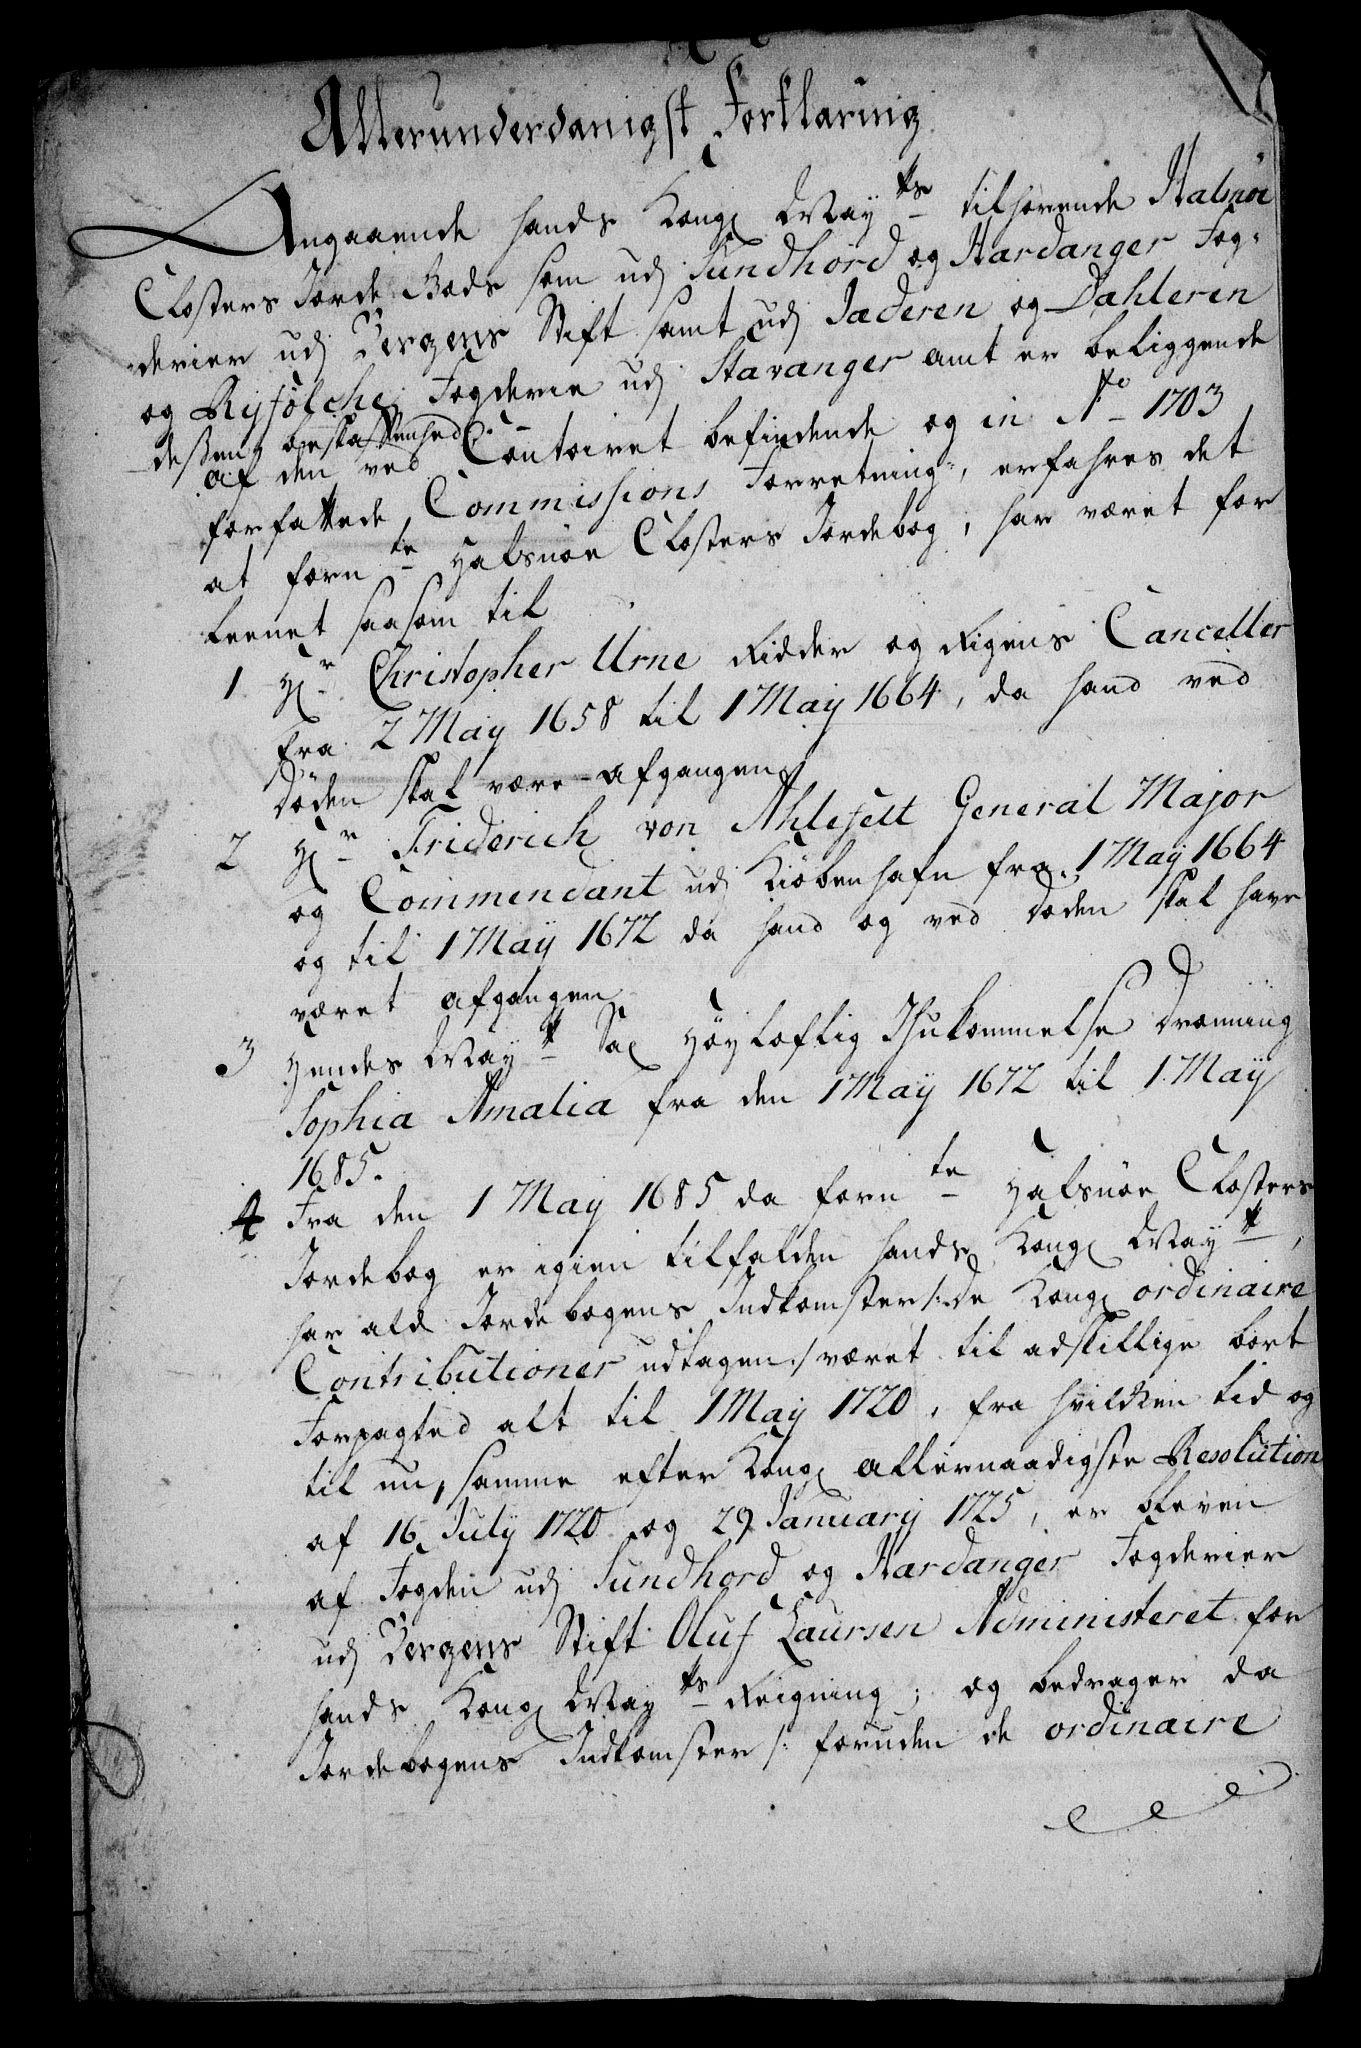 RA, Rentekammeret inntil 1814, Realistisk ordnet avdeling, On/L0003: [Jj 4]: Kommisjonsforretning over Vilhelm Hanssøns forpaktning av Halsnøy klosters gods, 1721-1729, s. 229